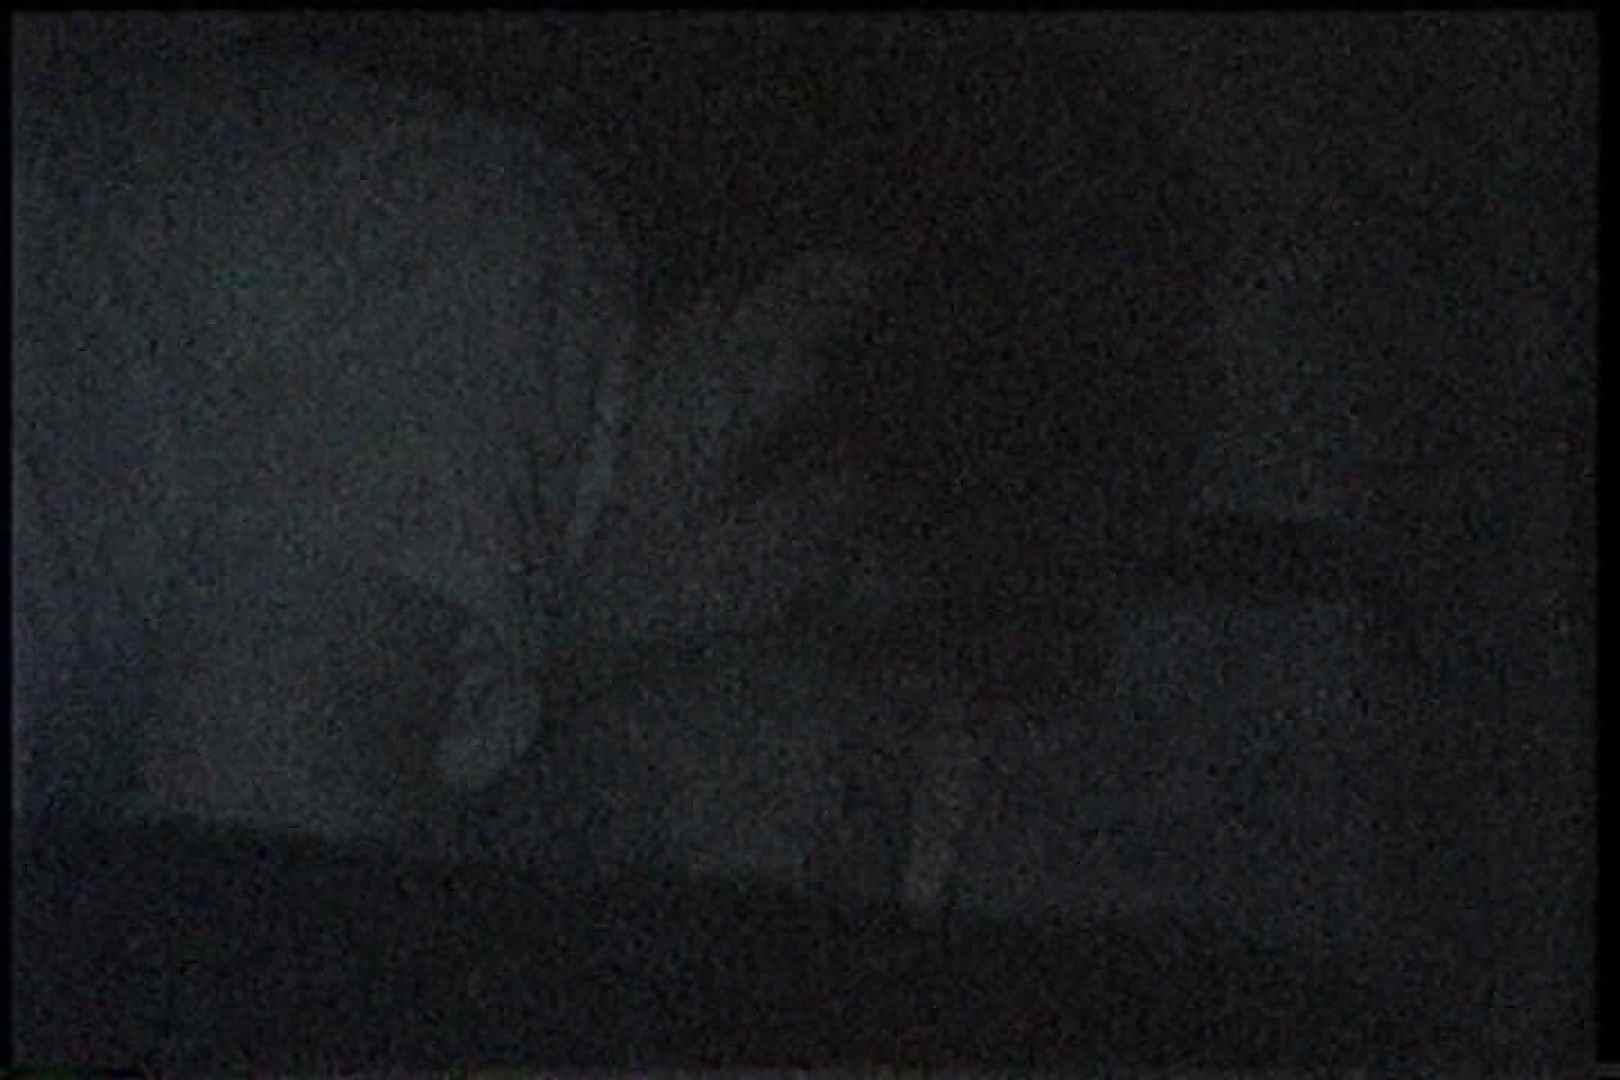 充血監督の深夜の運動会Vol.184 前編 フェラ   OLすけべ画像  7連発 1